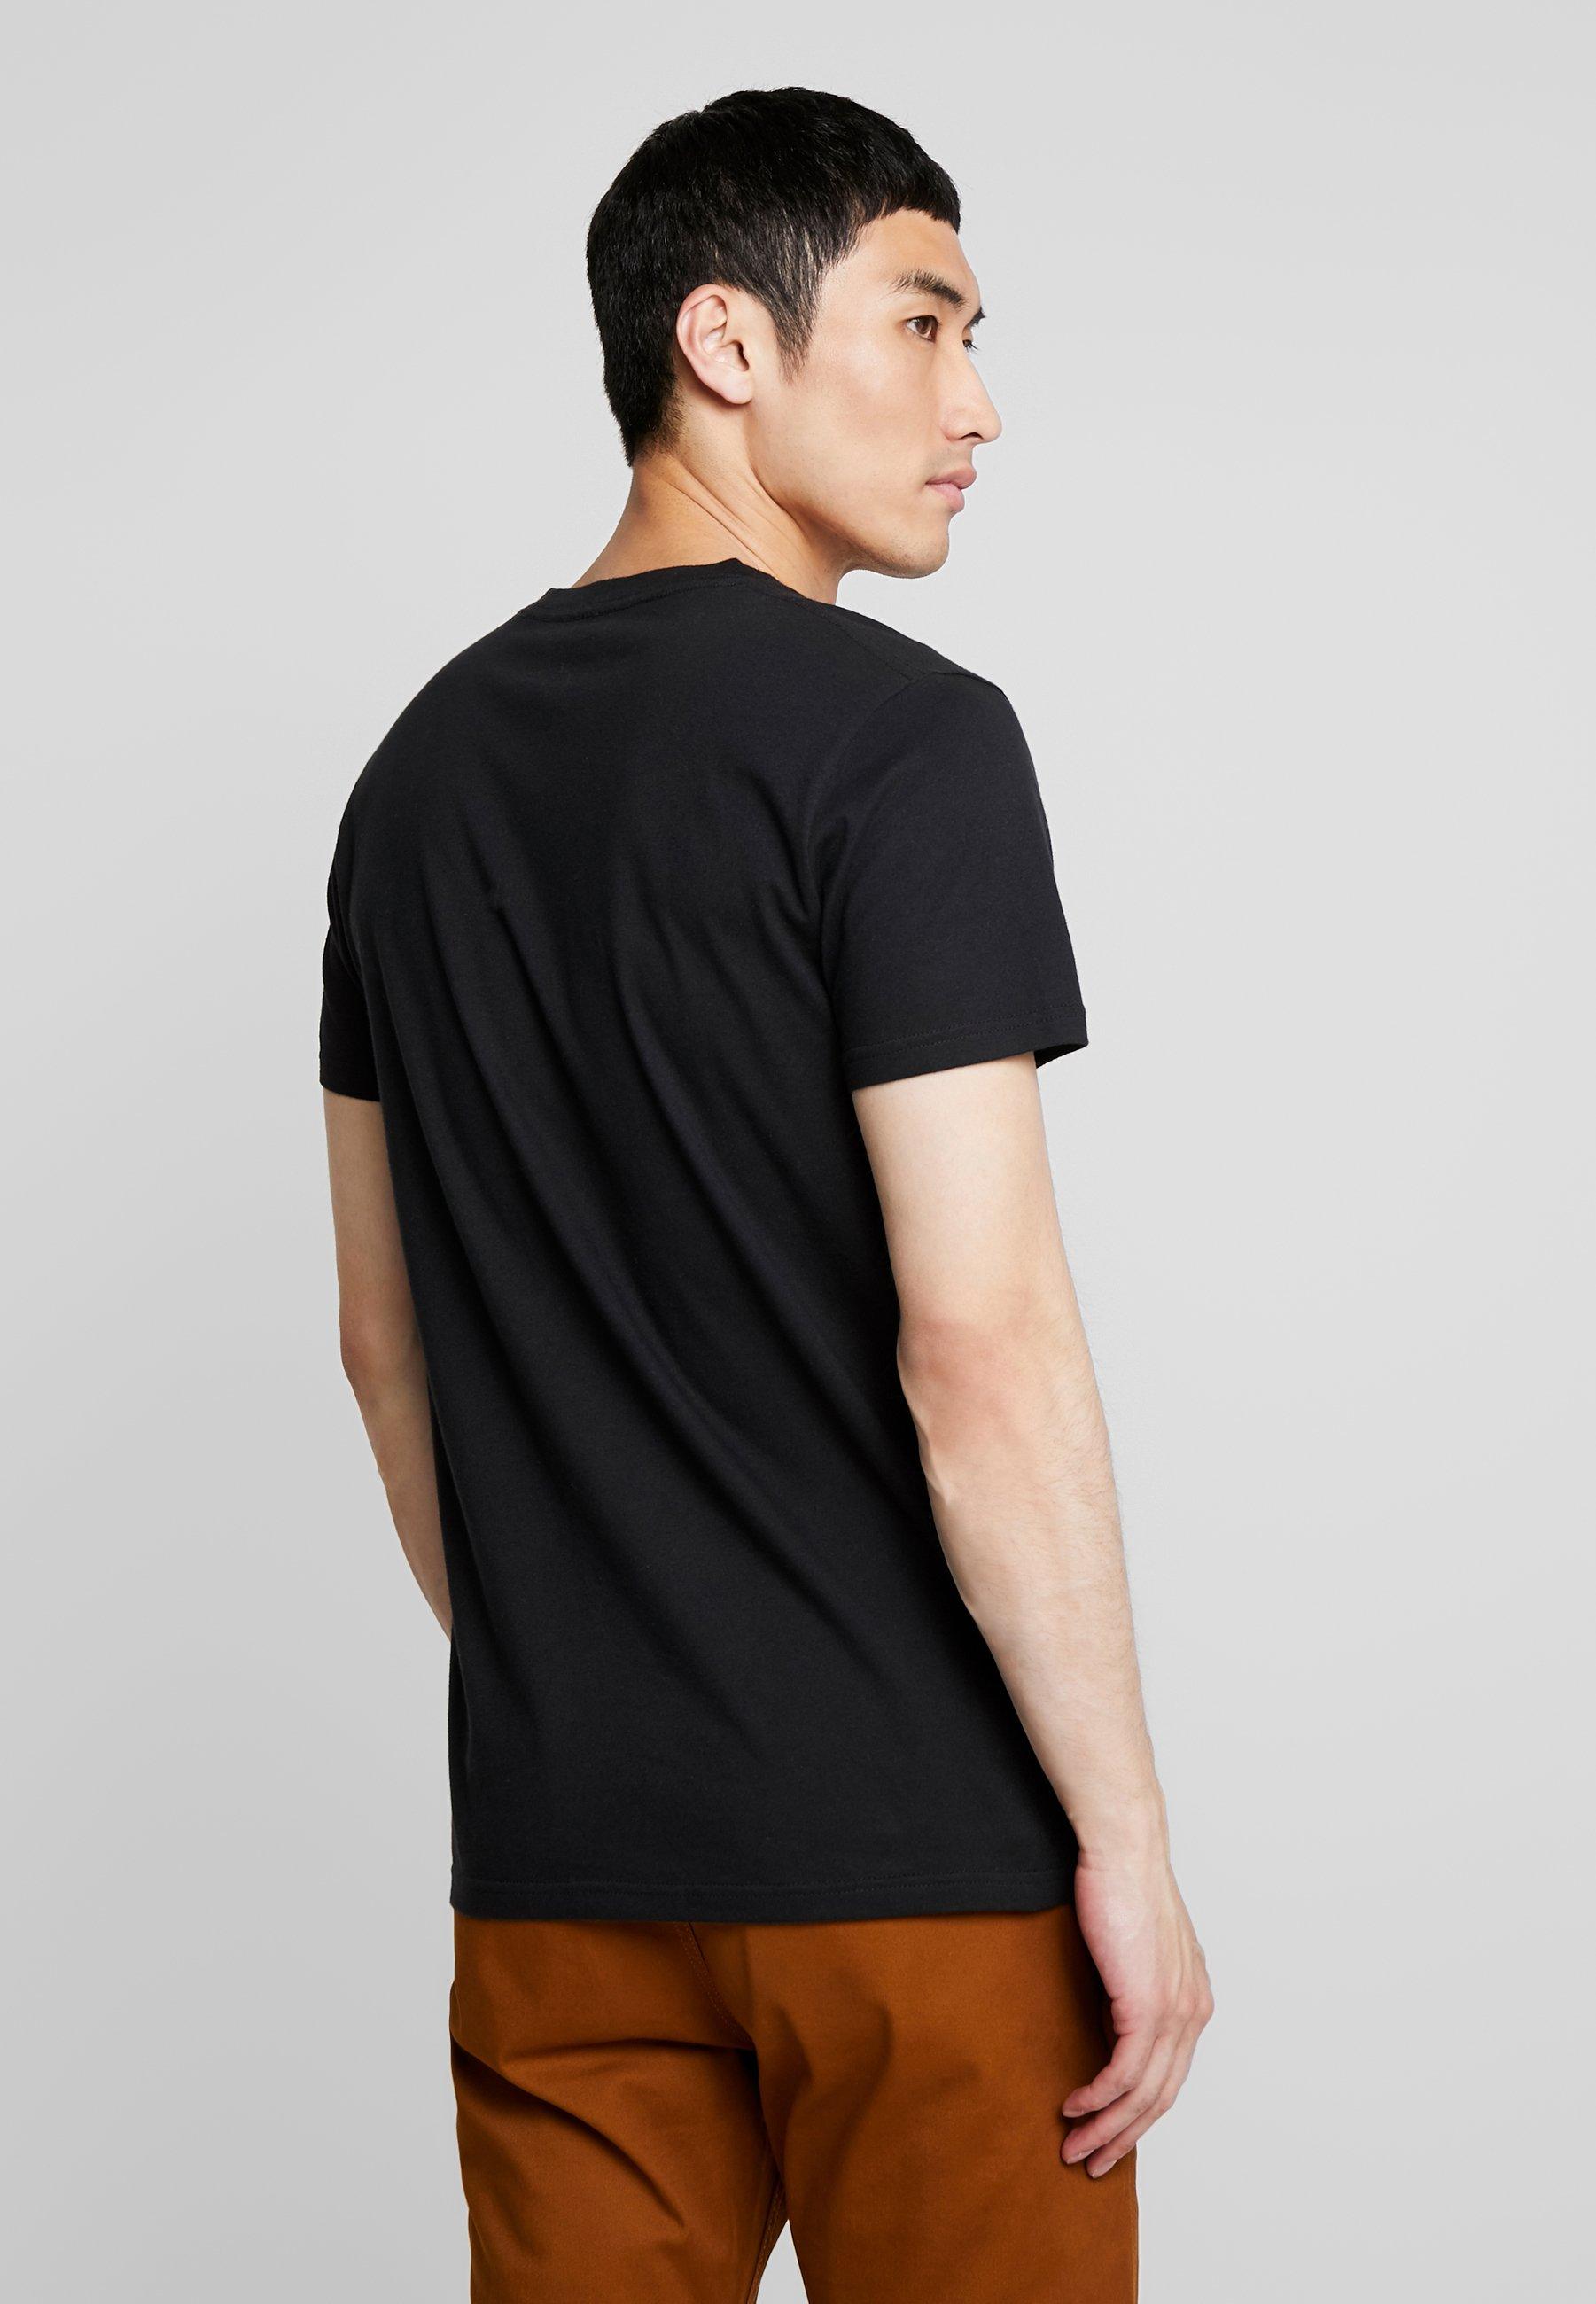 Hollister Co. OMBRE LOGO T shirt imprimé whitenavy